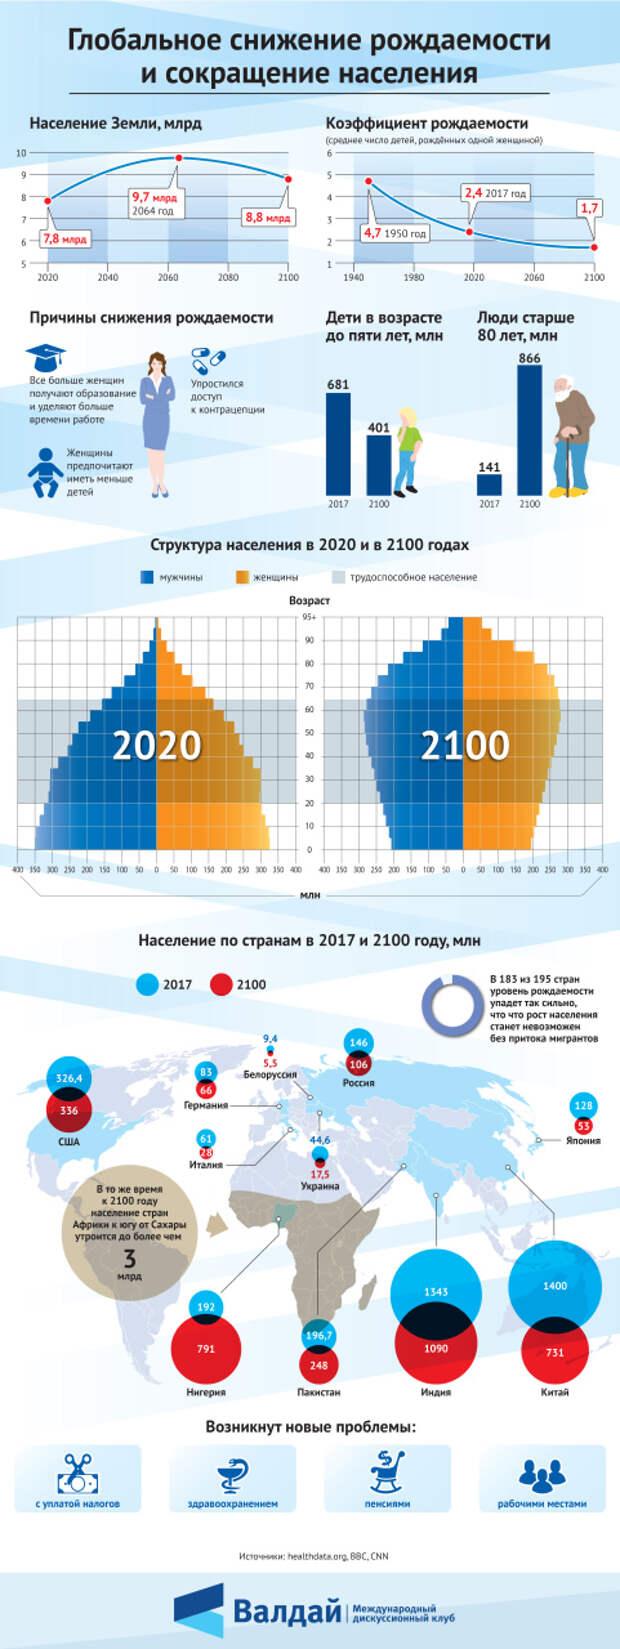 Глобальное снижение рождаемости и сокращение населения